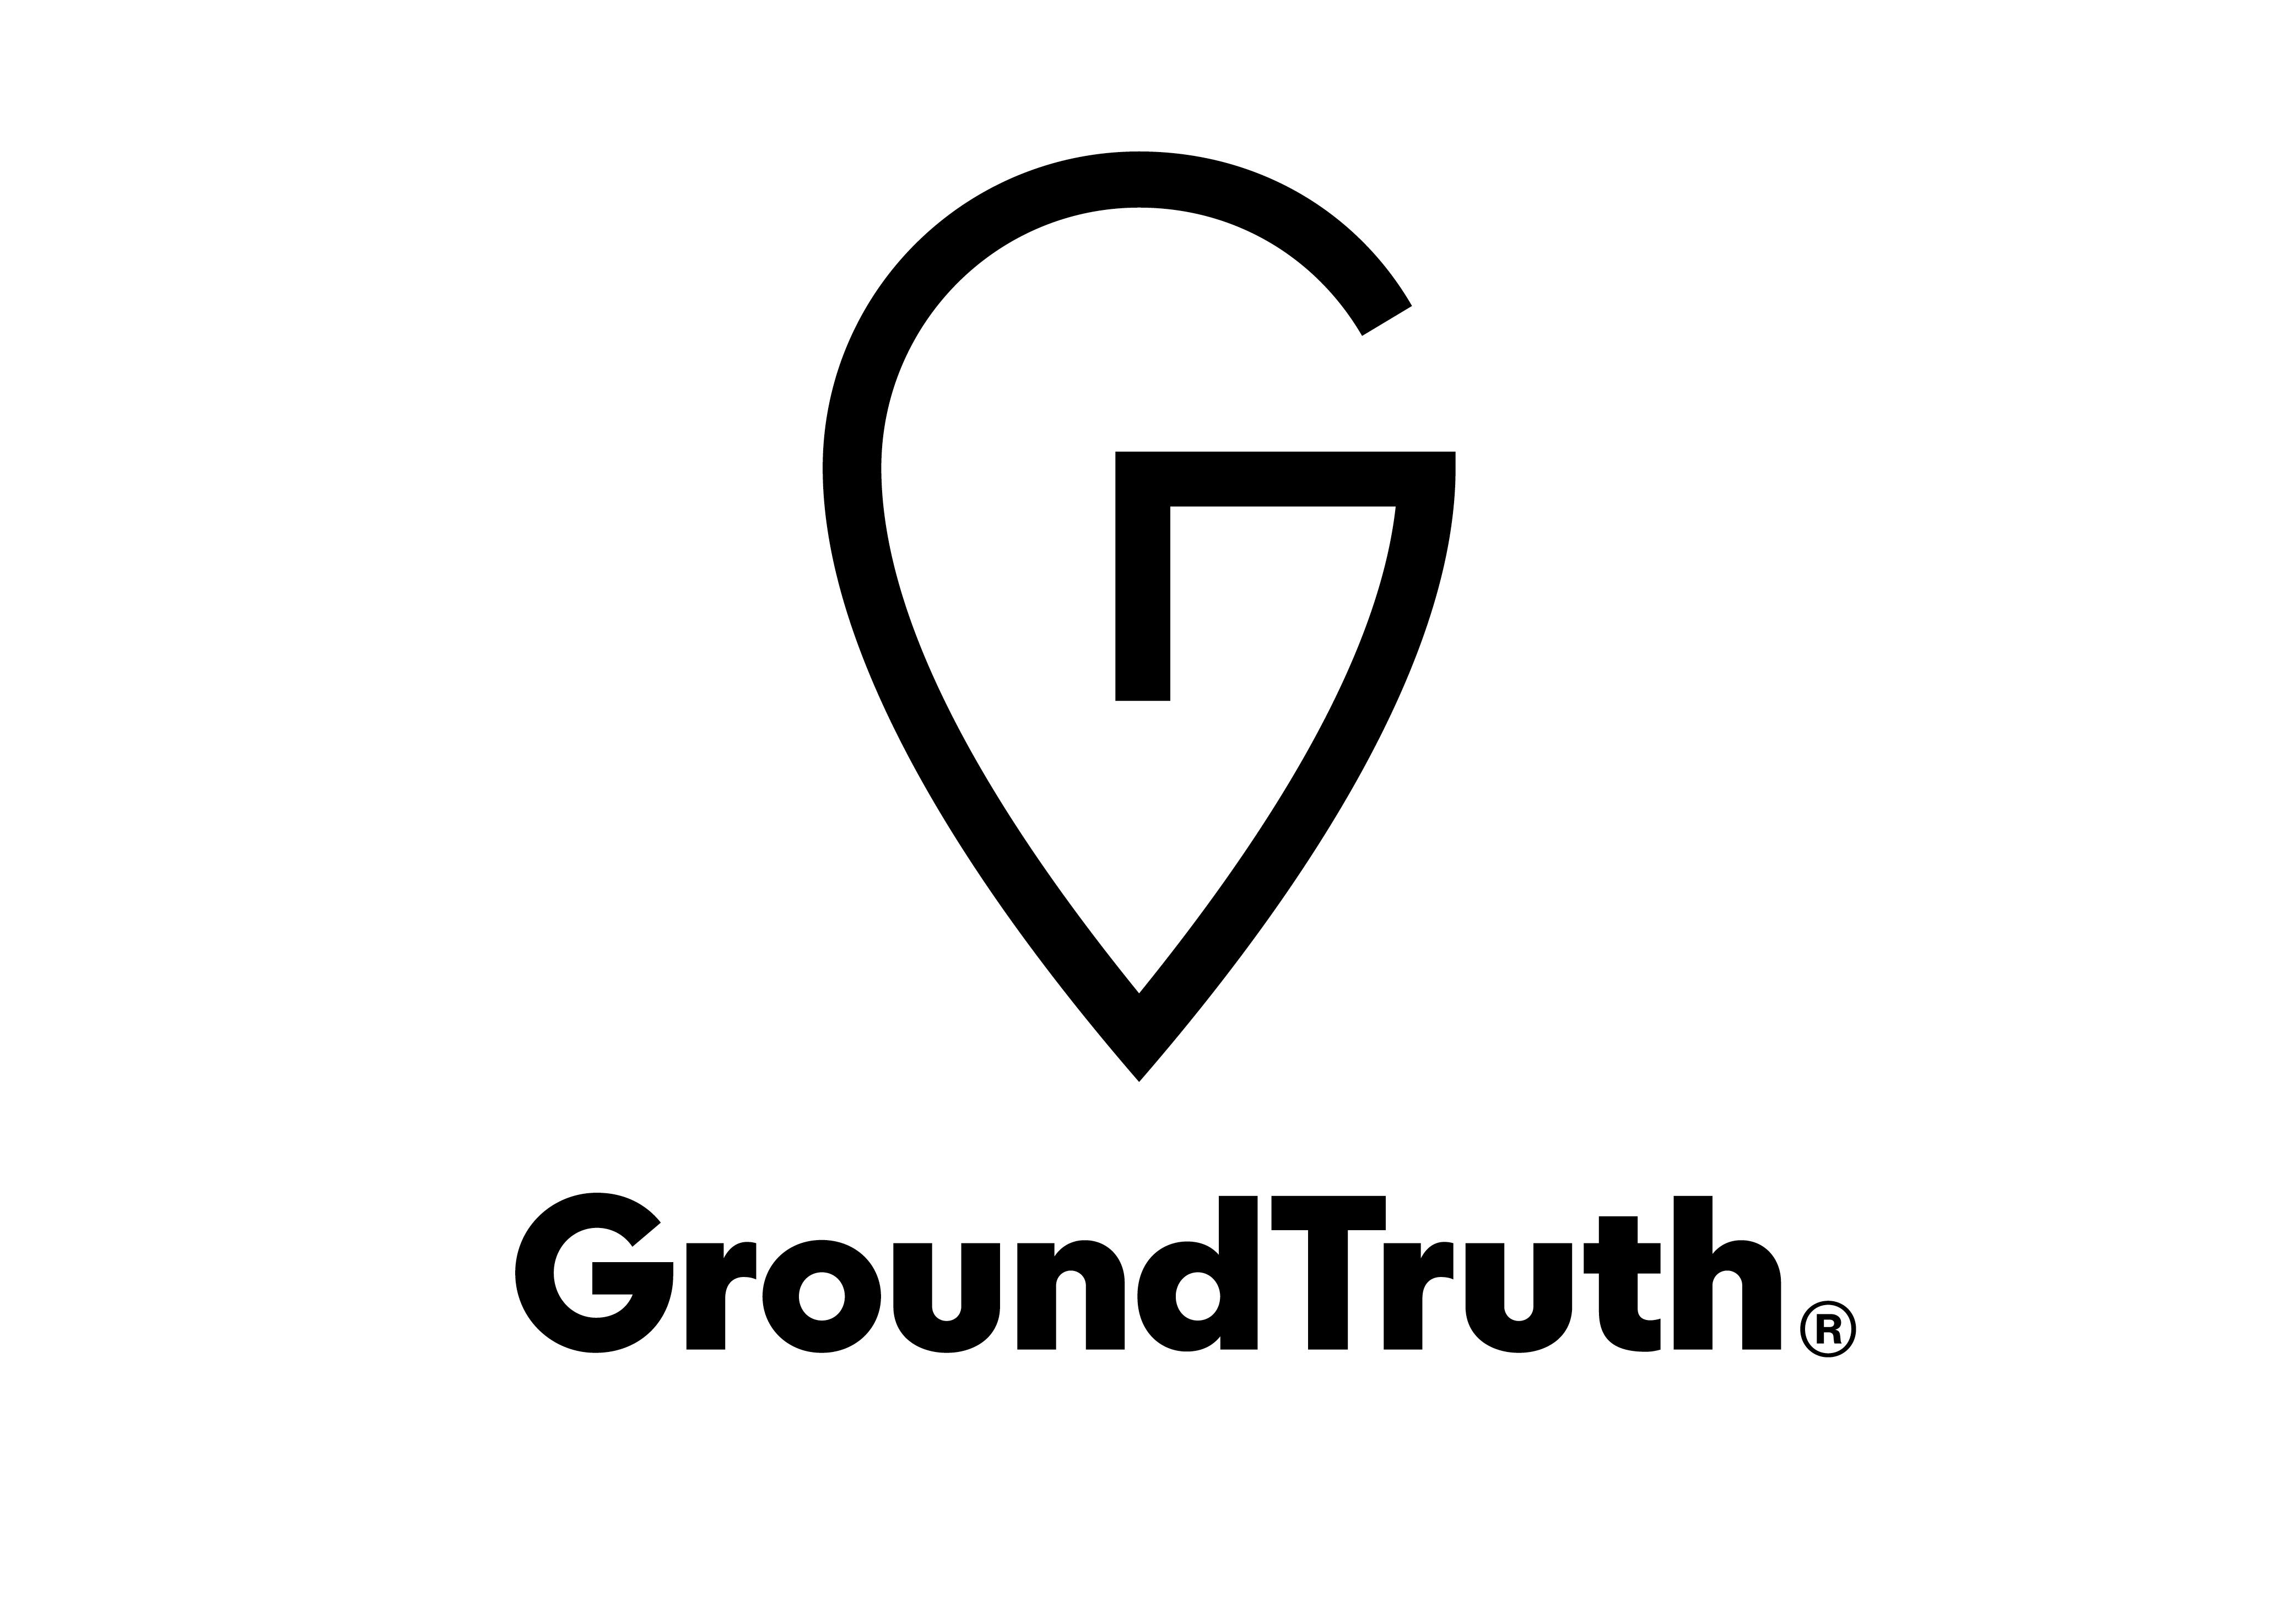 xAd Unveils Major Rebranding Effort as GroundTruth to